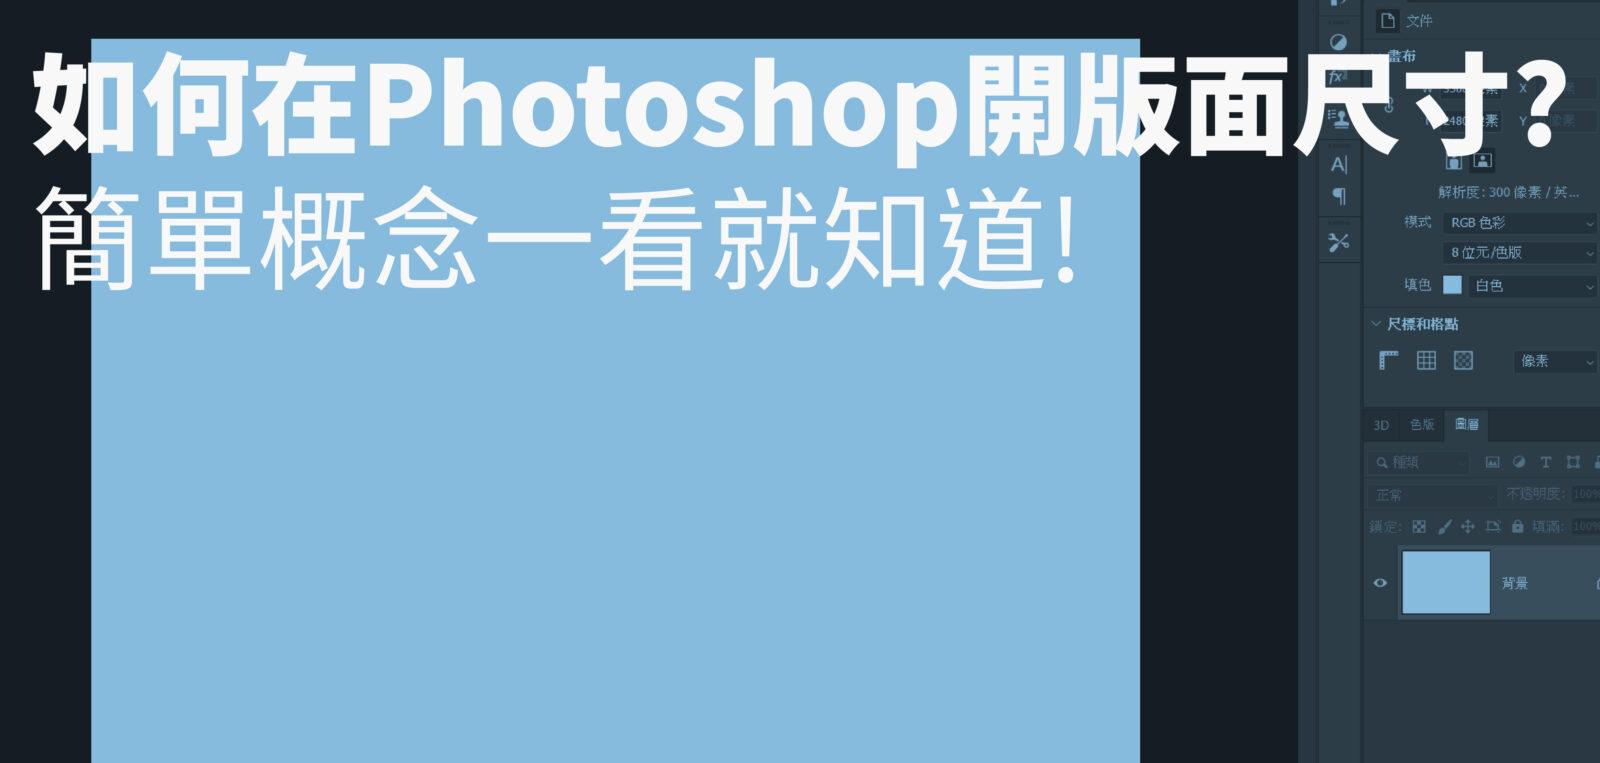 Photoshop 版面尺寸